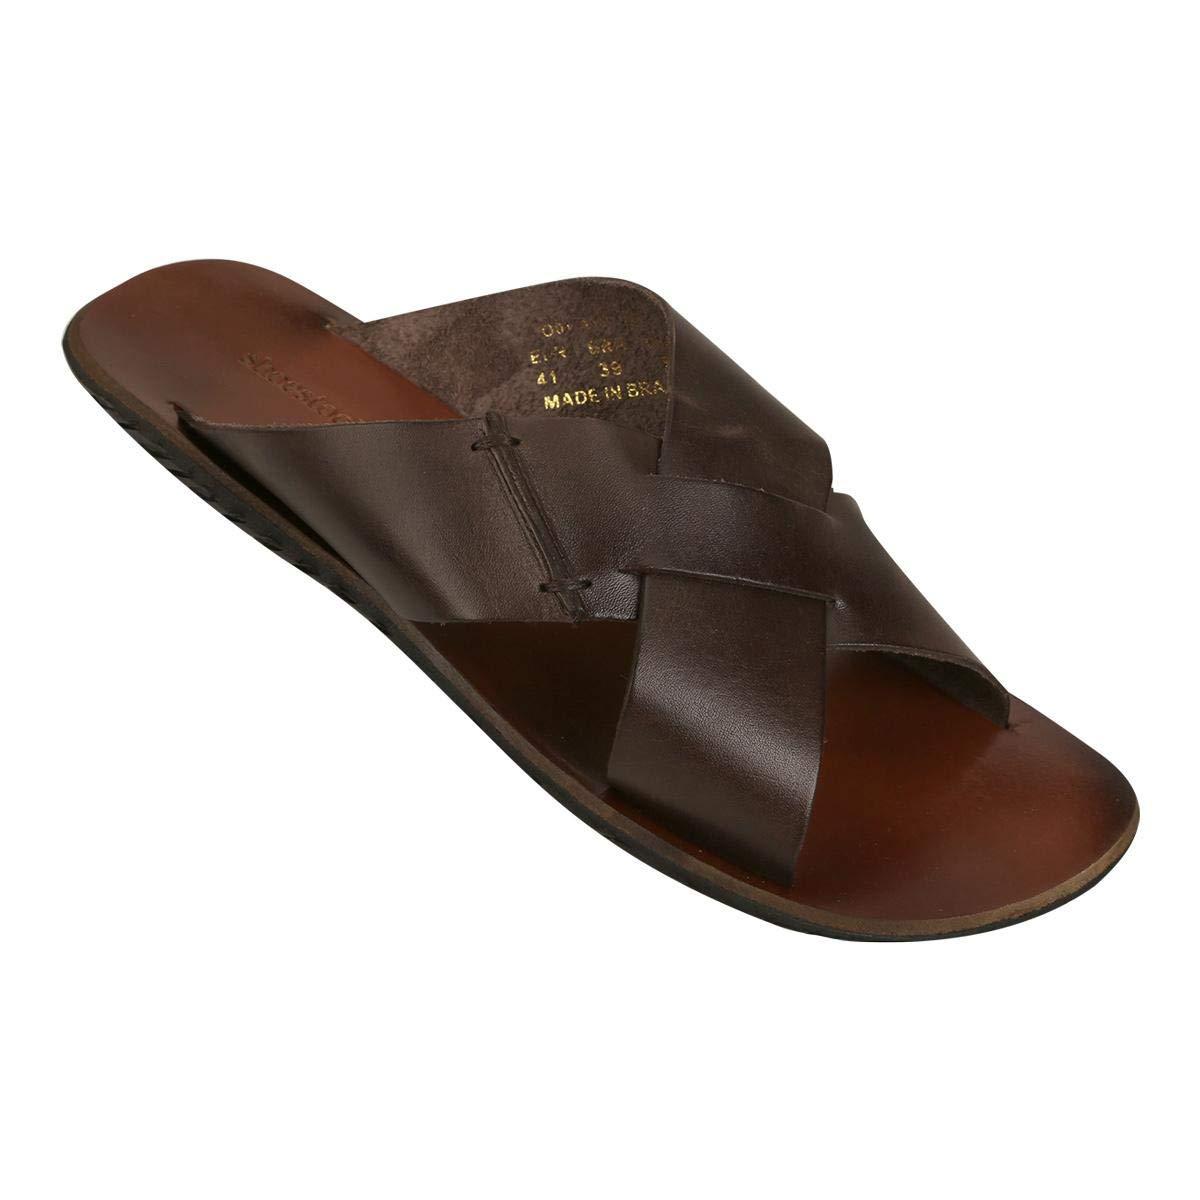 3d06d479c Chinelo Couro Shoestock Tiras Cruzadas Masculino - Café - 37:  Amazon.com.br: Amazon Moda